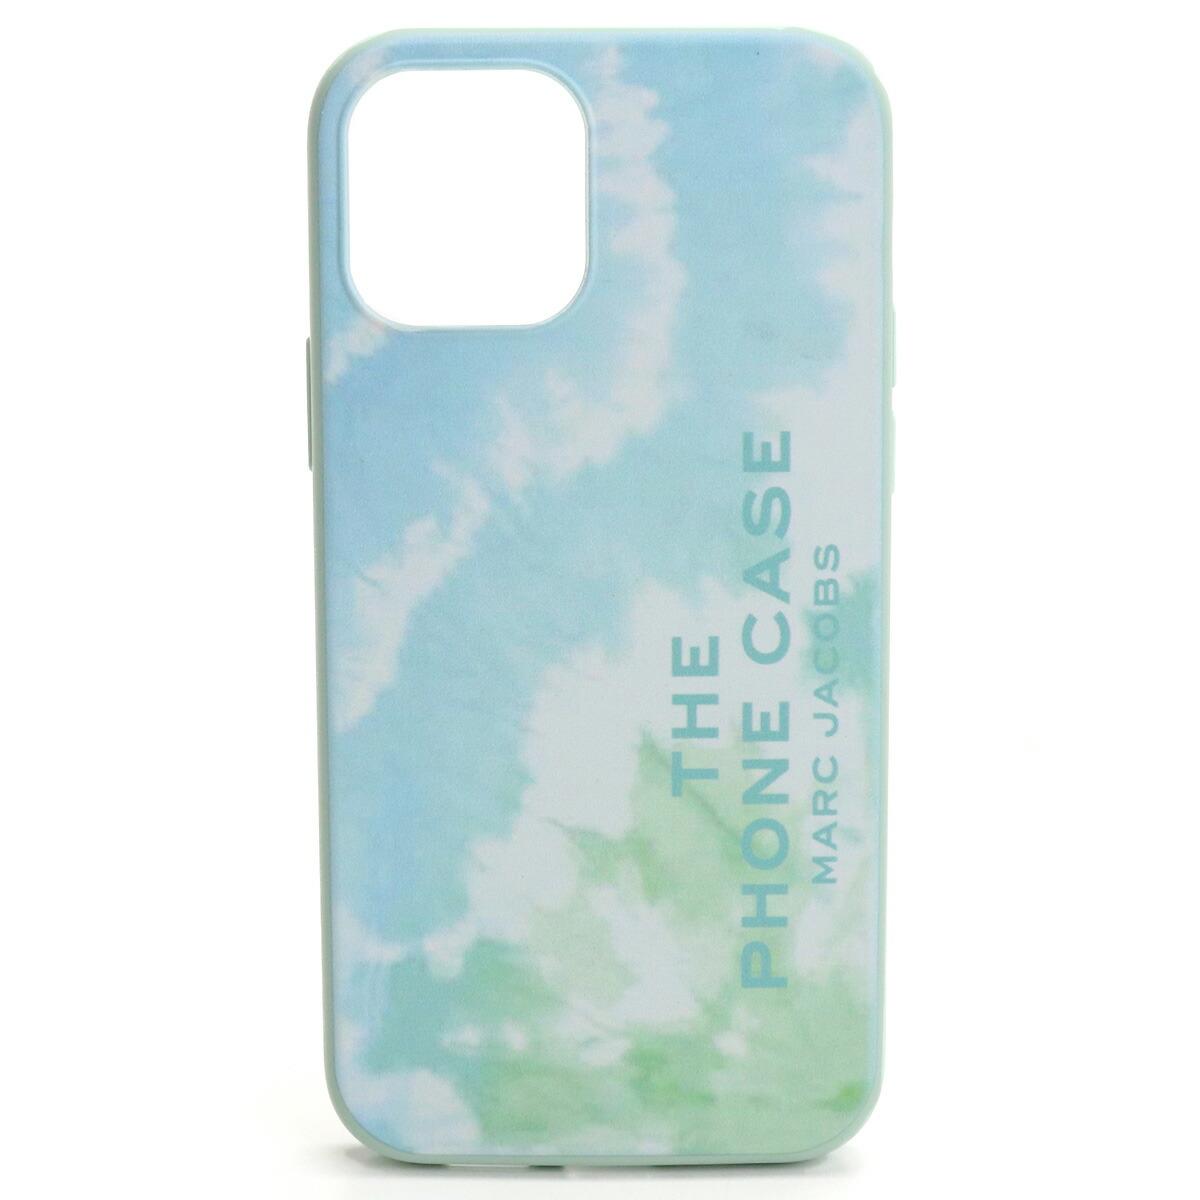 マーク・ジェイコブス MARC JACOBS Iphone 12/12Pro iPhoneケース ブランドiPhoneケース T507M02PF21 401 BLUE MULTI ブルー系